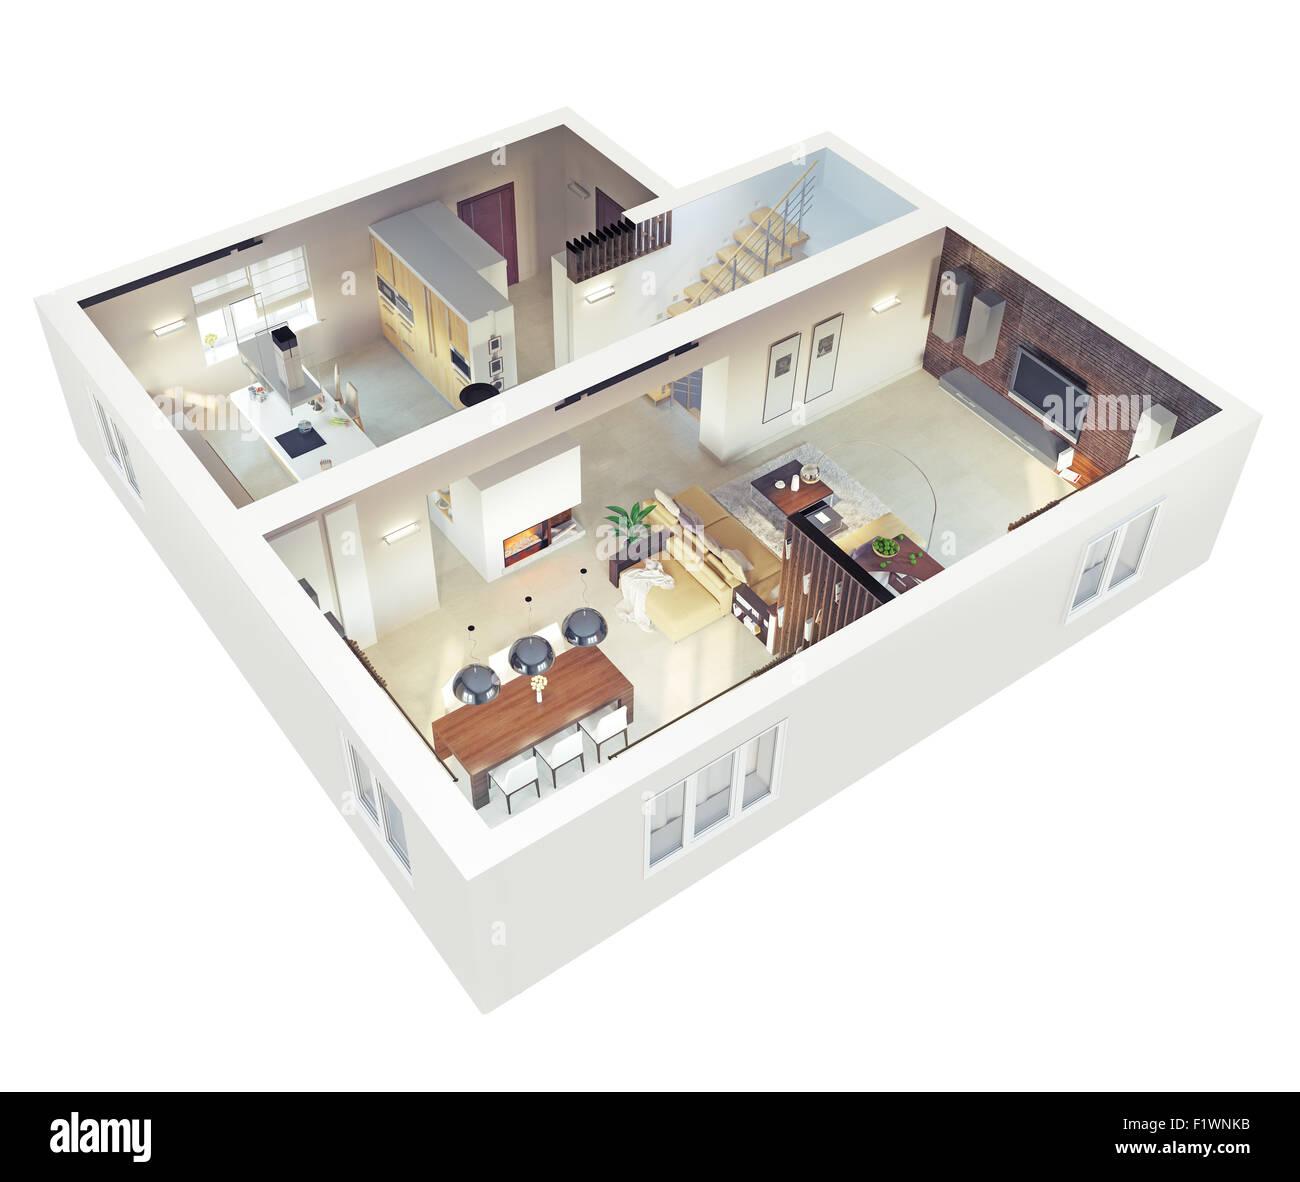 Grundriss einer Wohnung. Im Erdgeschoss befindet. Klares 21d ...